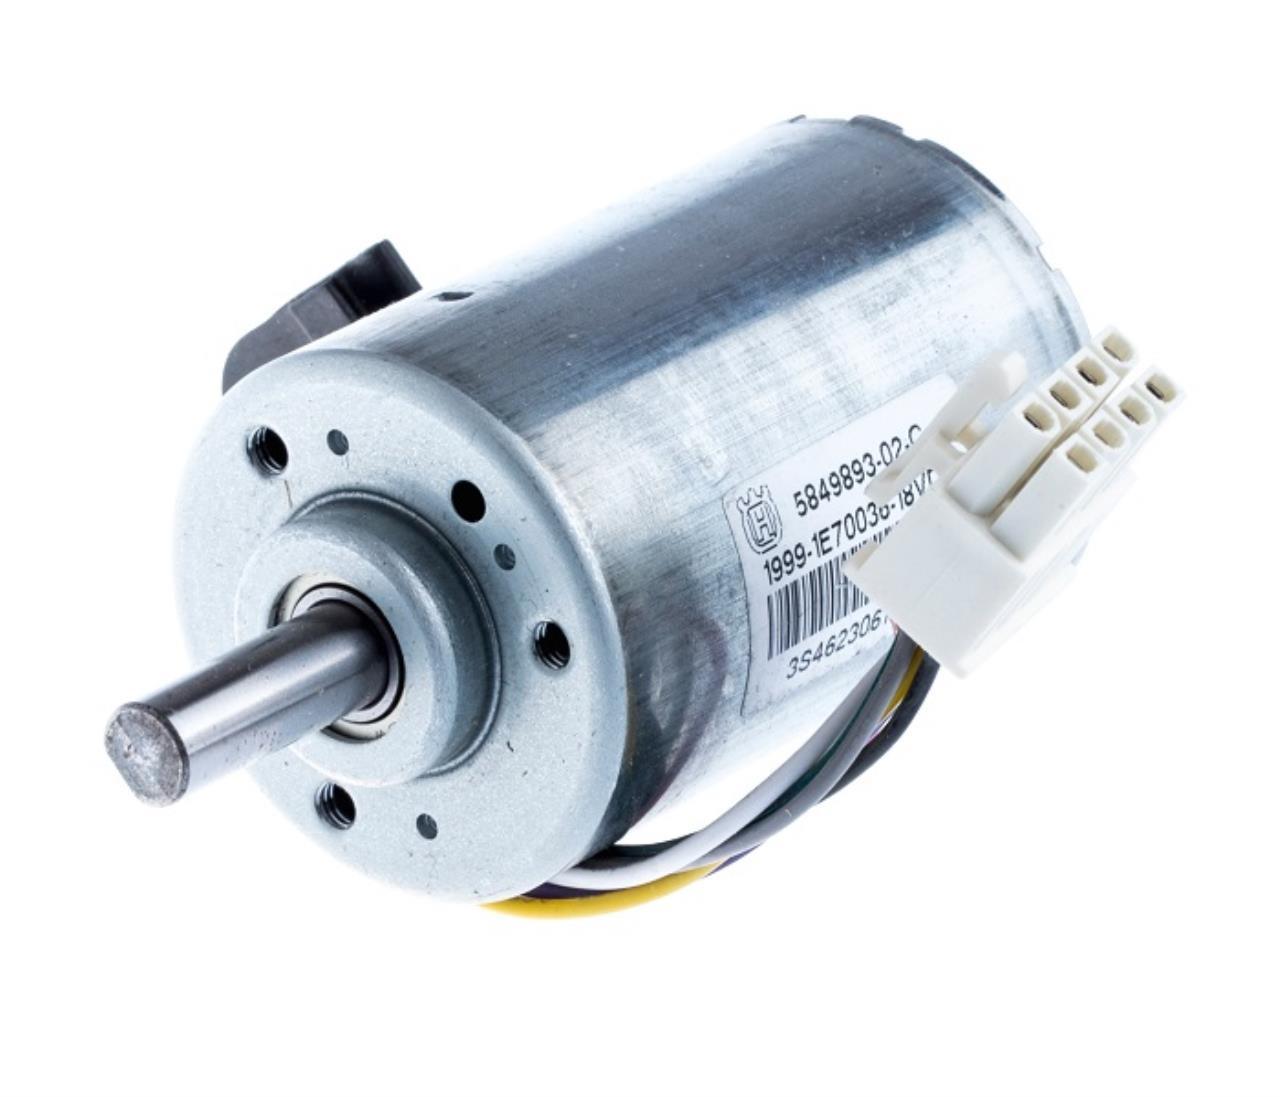 Husqvarna klippemotor, AM105